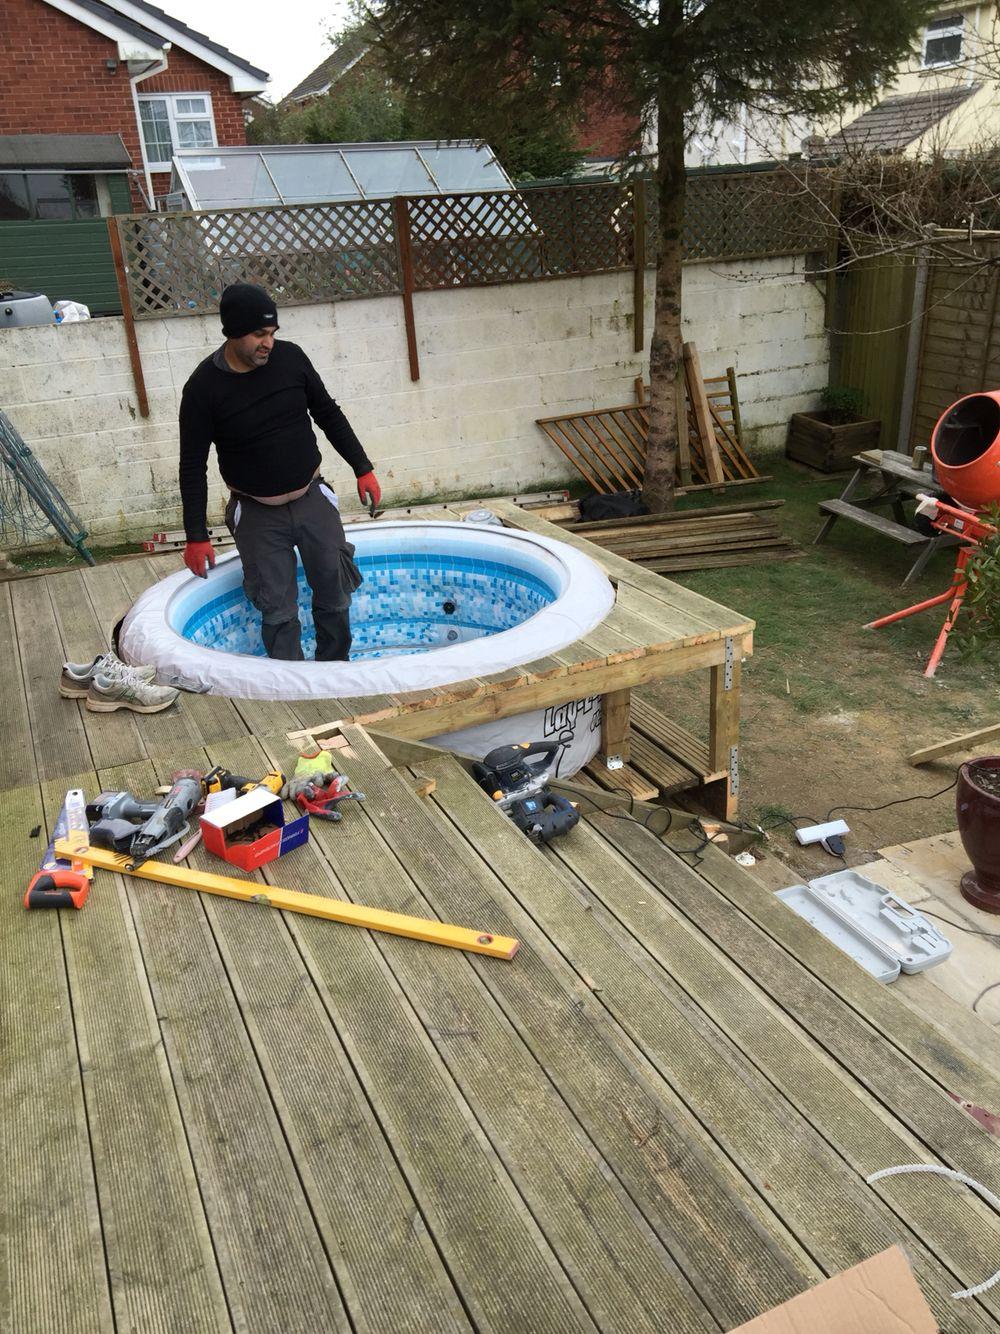 starting to take shape garden pinterest shapes hot. Black Bedroom Furniture Sets. Home Design Ideas